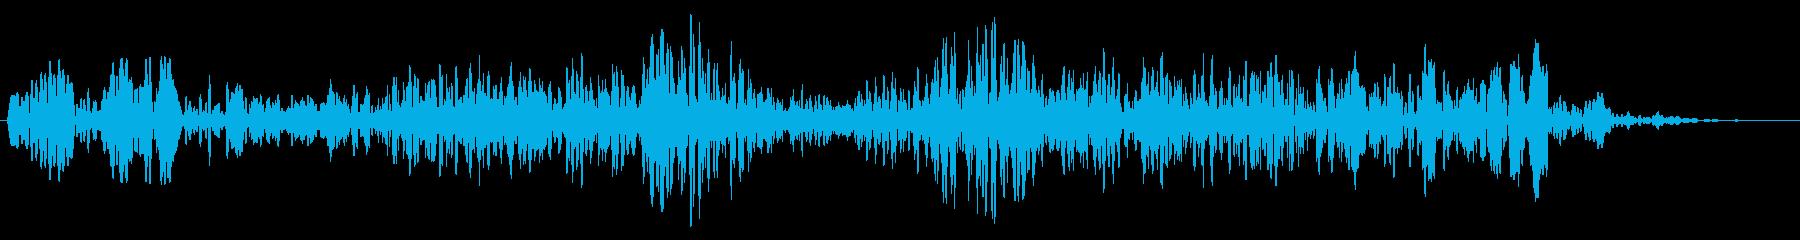 ゴーァシュアーン(通過音)の再生済みの波形